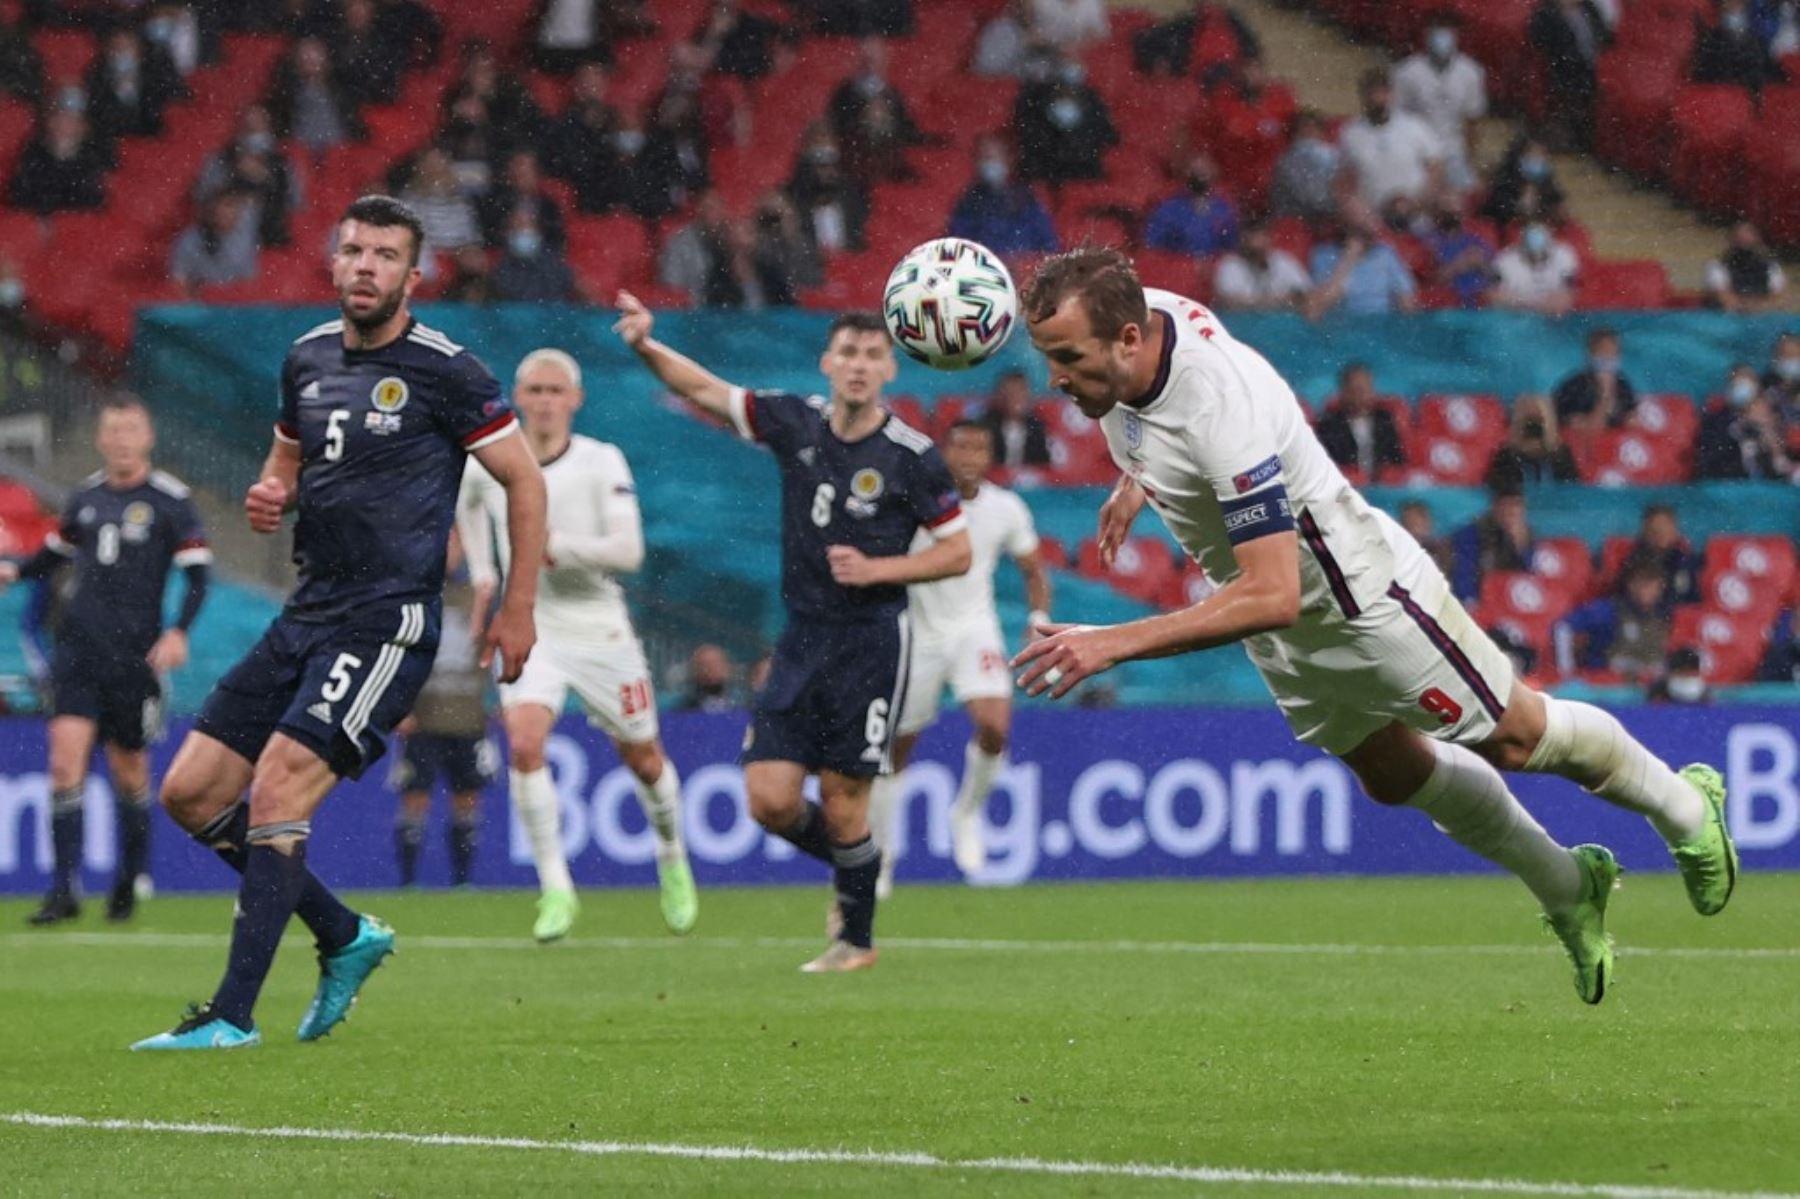 El delantero de Inglaterra Harry Kane (R) cabecea el balón durante el partido de fútbol del Grupo D de la UEFA EURO 2020 entre Inglaterra y Escocia en el estadio de Wembley en Londres el 18 de junio de 2021. Foto: AFP